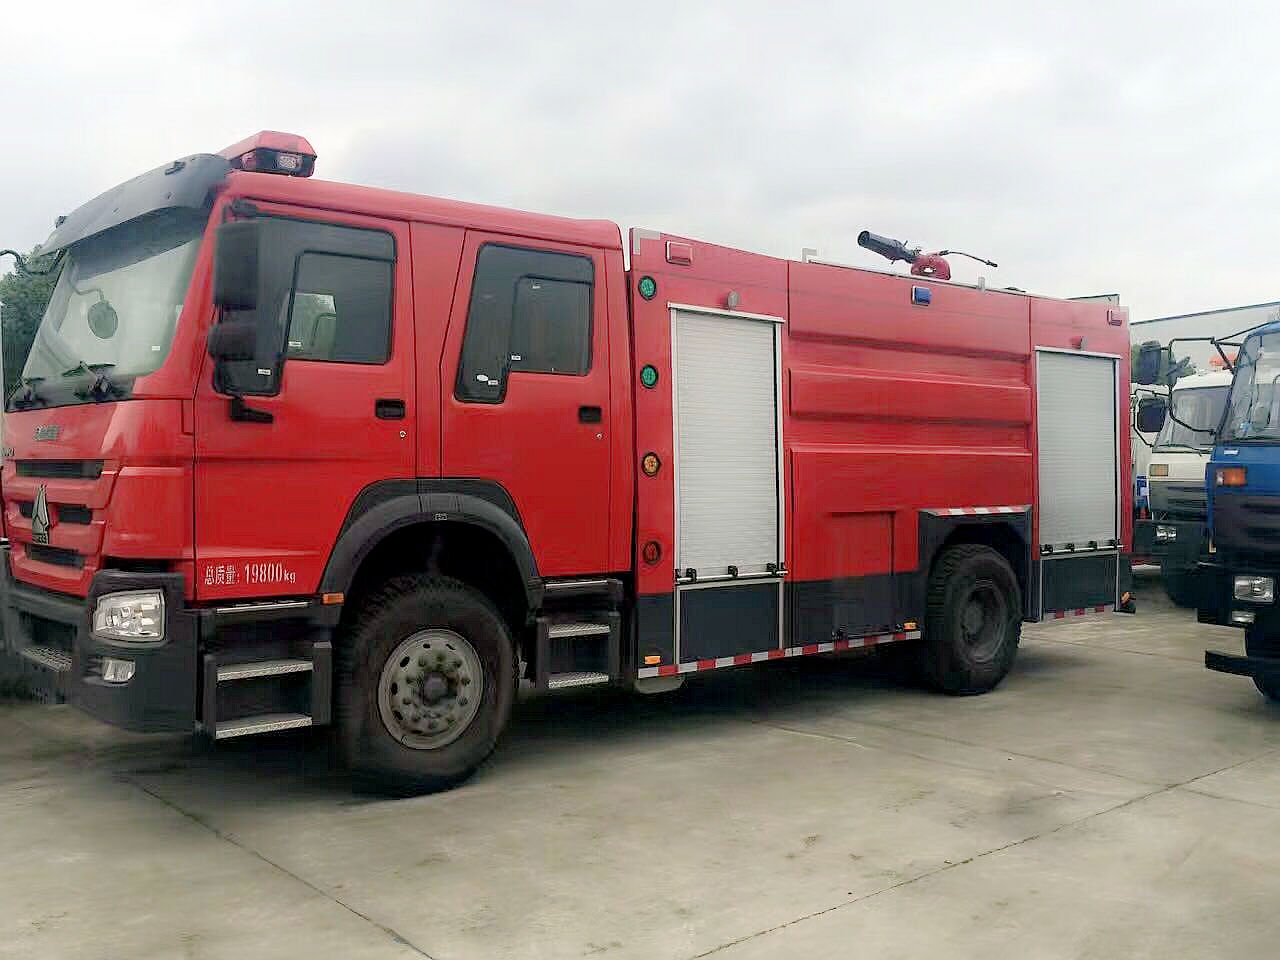 豪沃8吨水罐消防车侧面图片